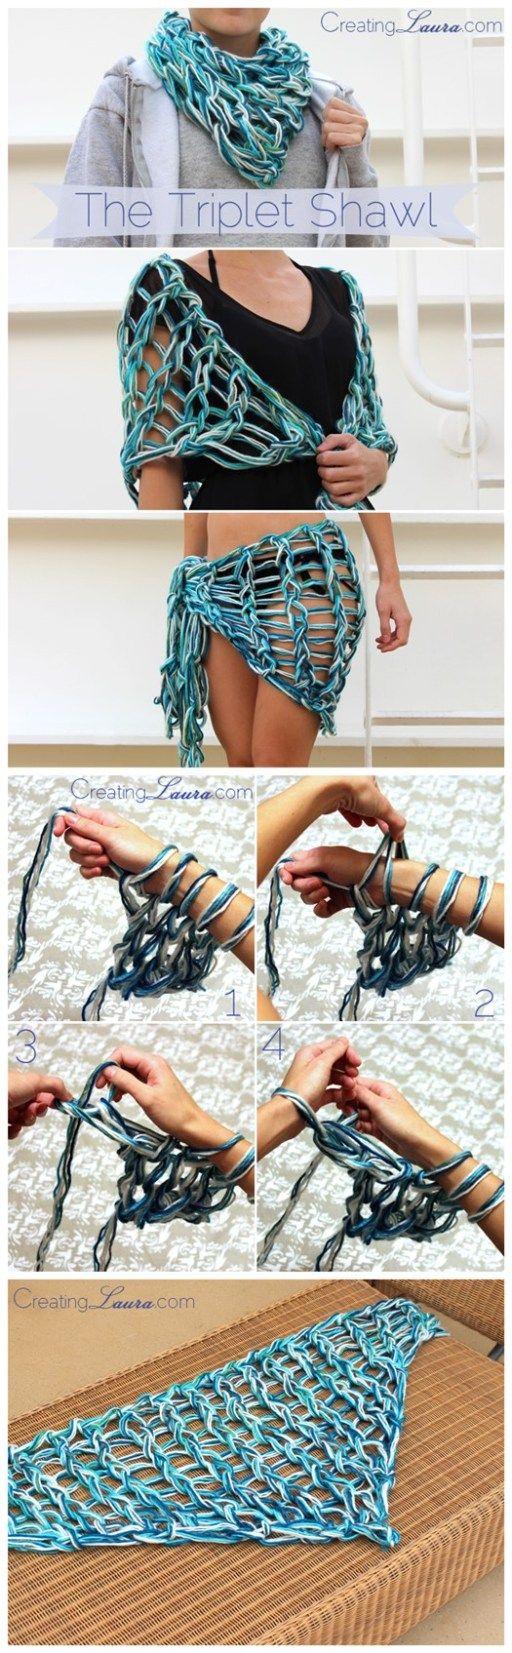 FAZER UM QUADRADO NESSE ESTILO E FAZER VIRAR SAÍDA DE PRAIA!!! DIY Triplet Shawl Free Arm Knitting Pattern | DIY Tag